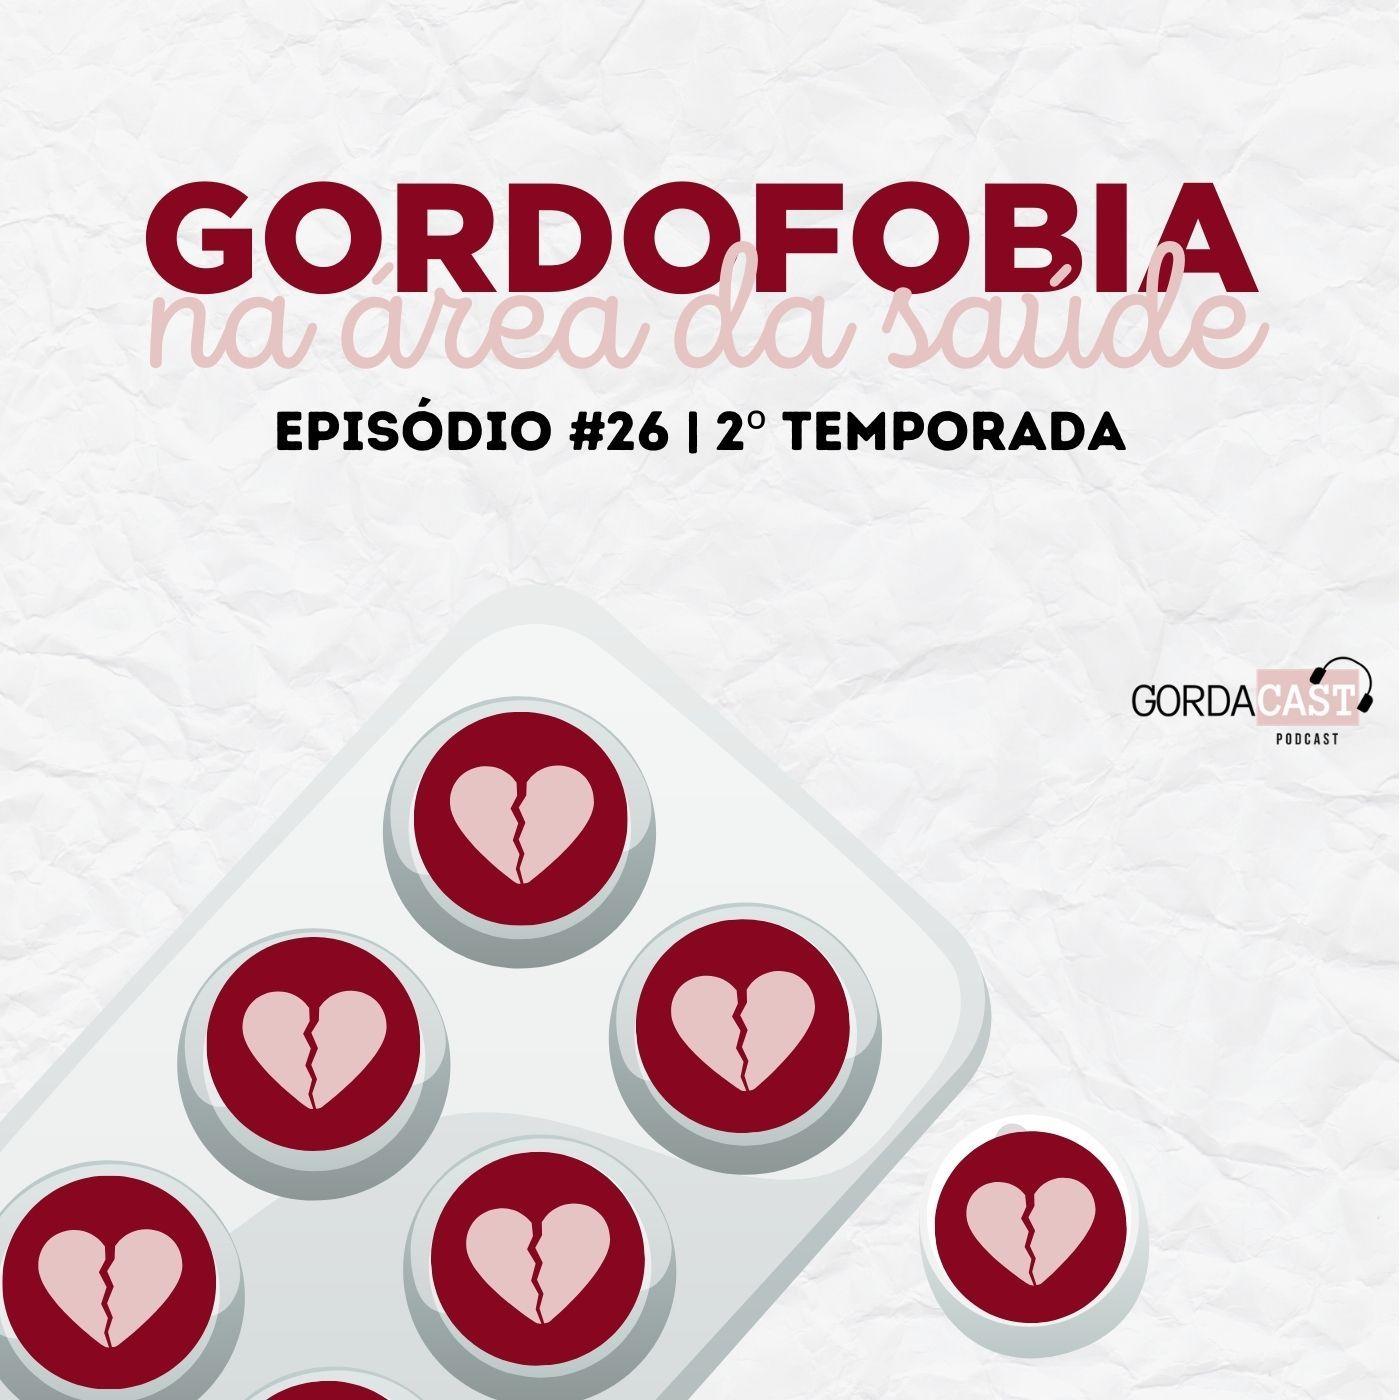 GordaCast #26   Gordofobia na área da saúde com @nutriforadopadrao